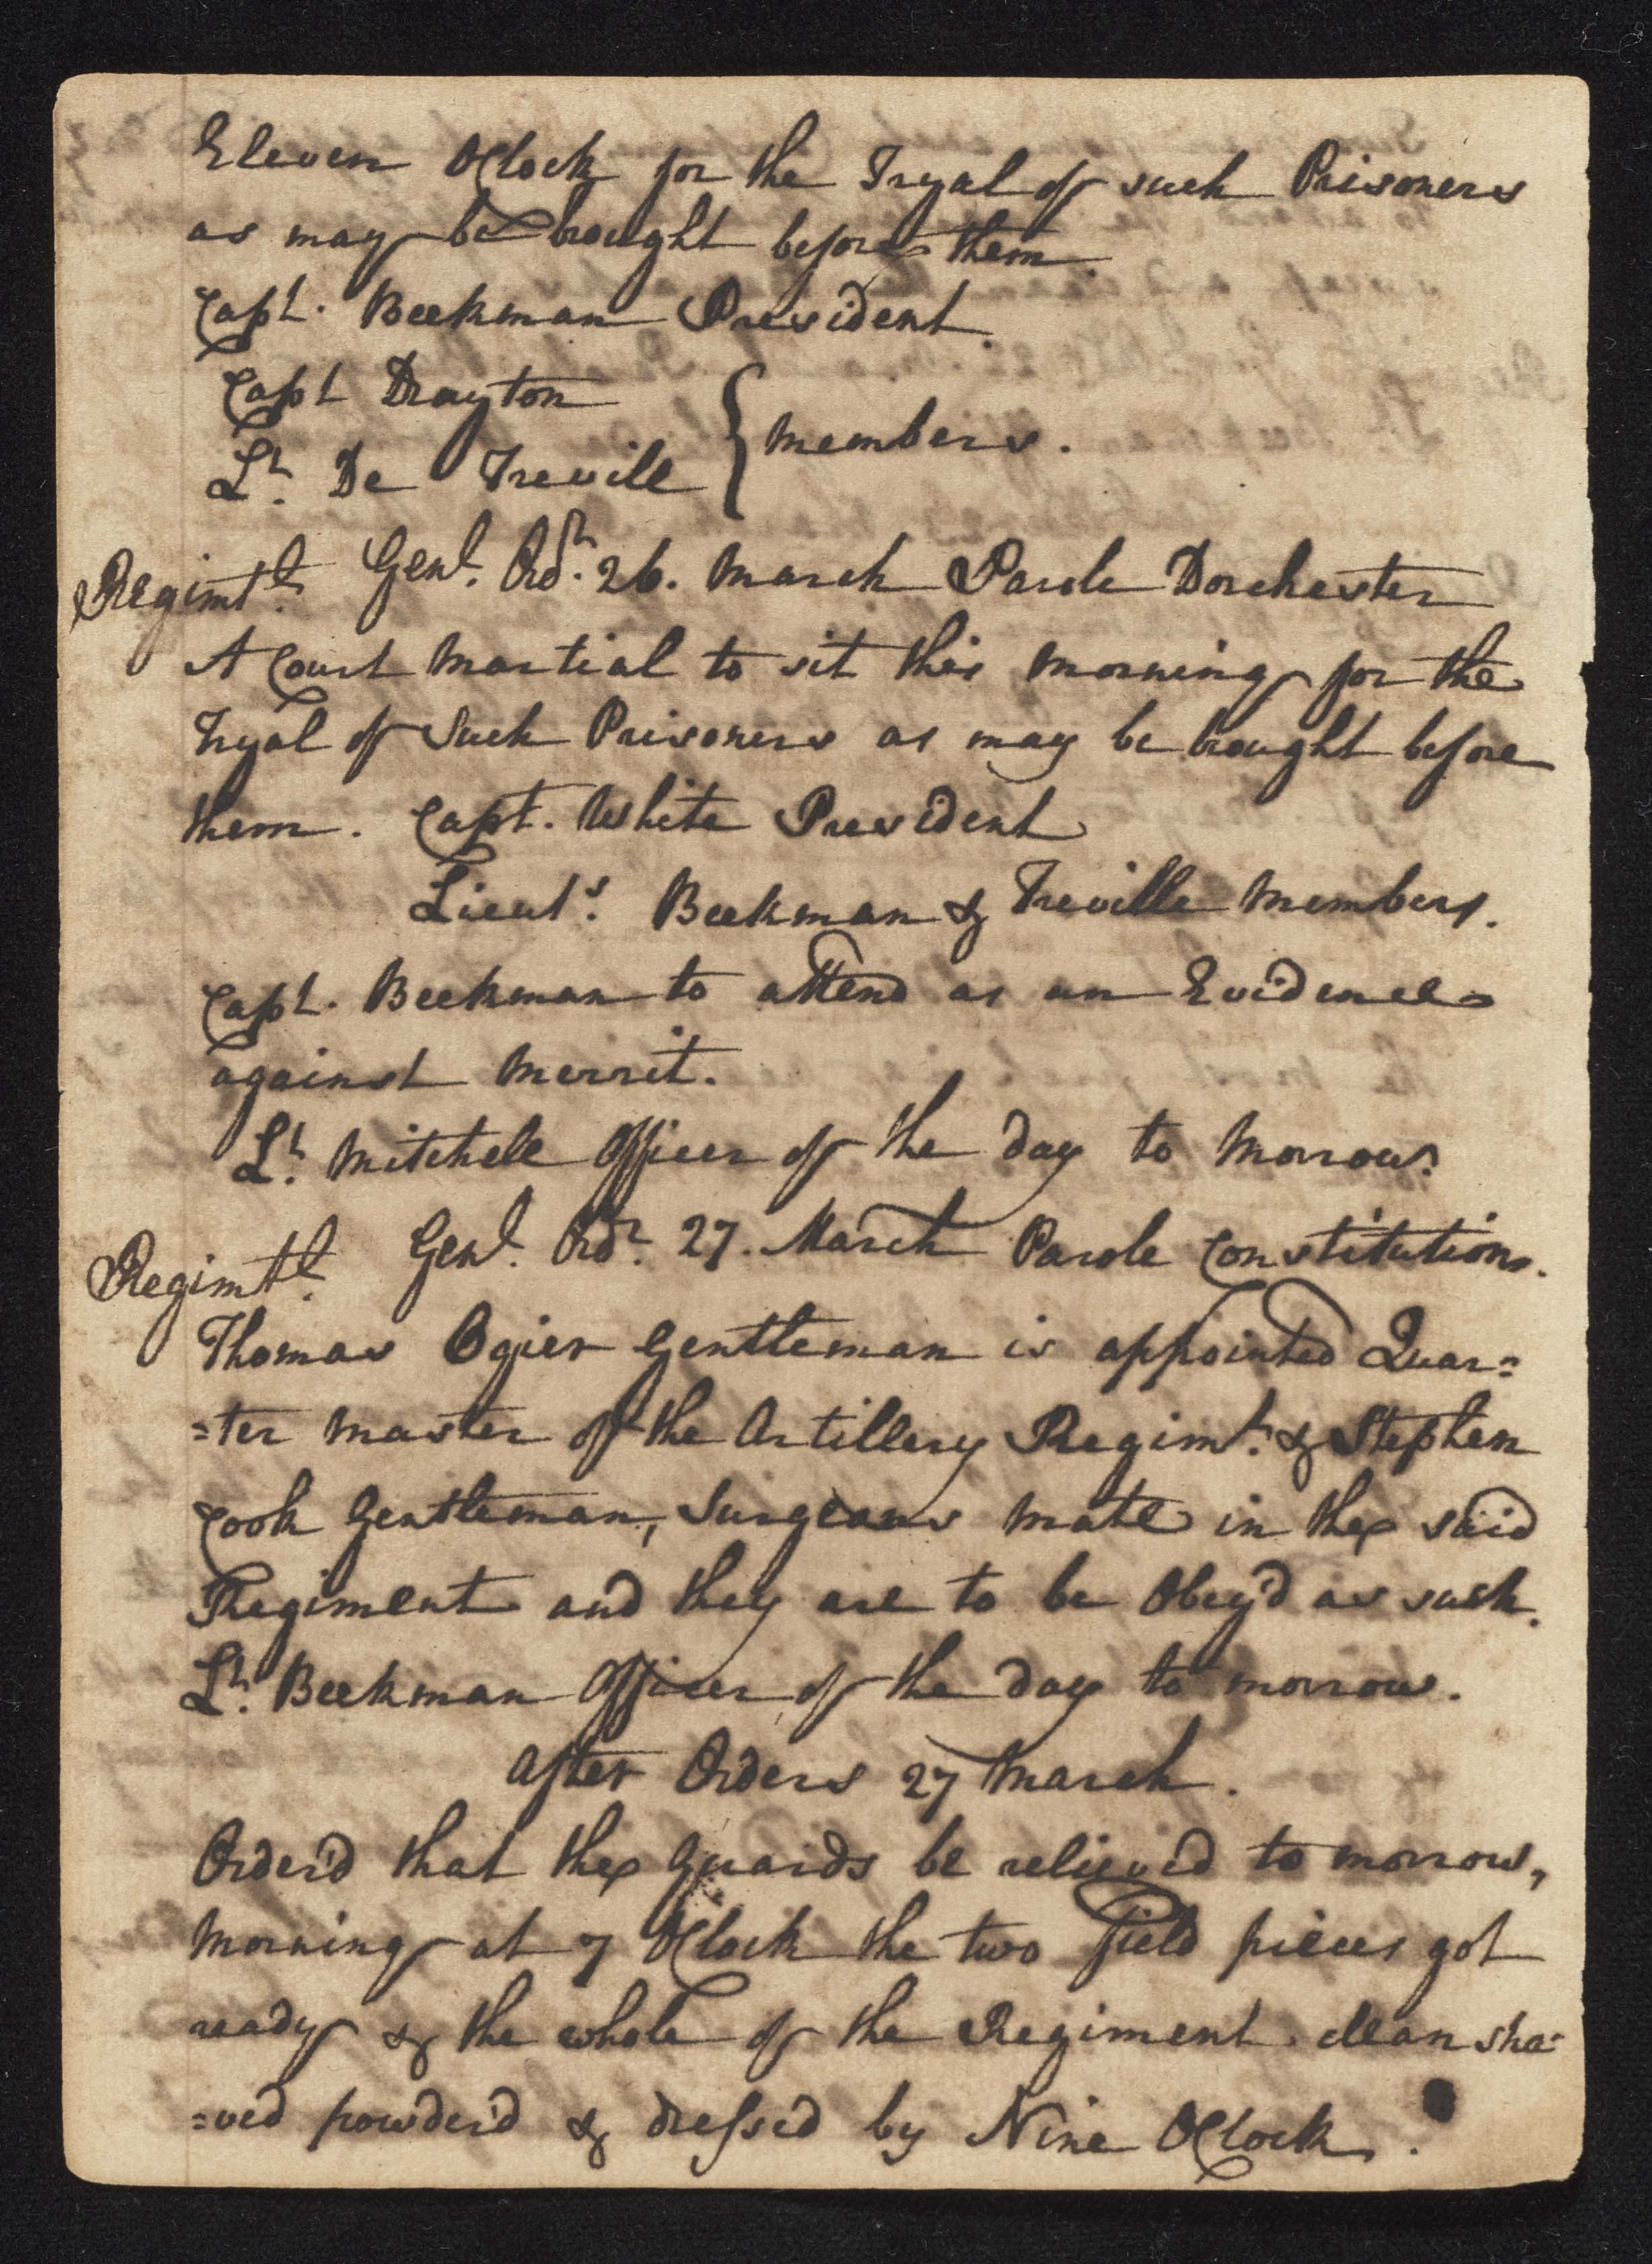 South Carolina Regiment Order Book, Page 88